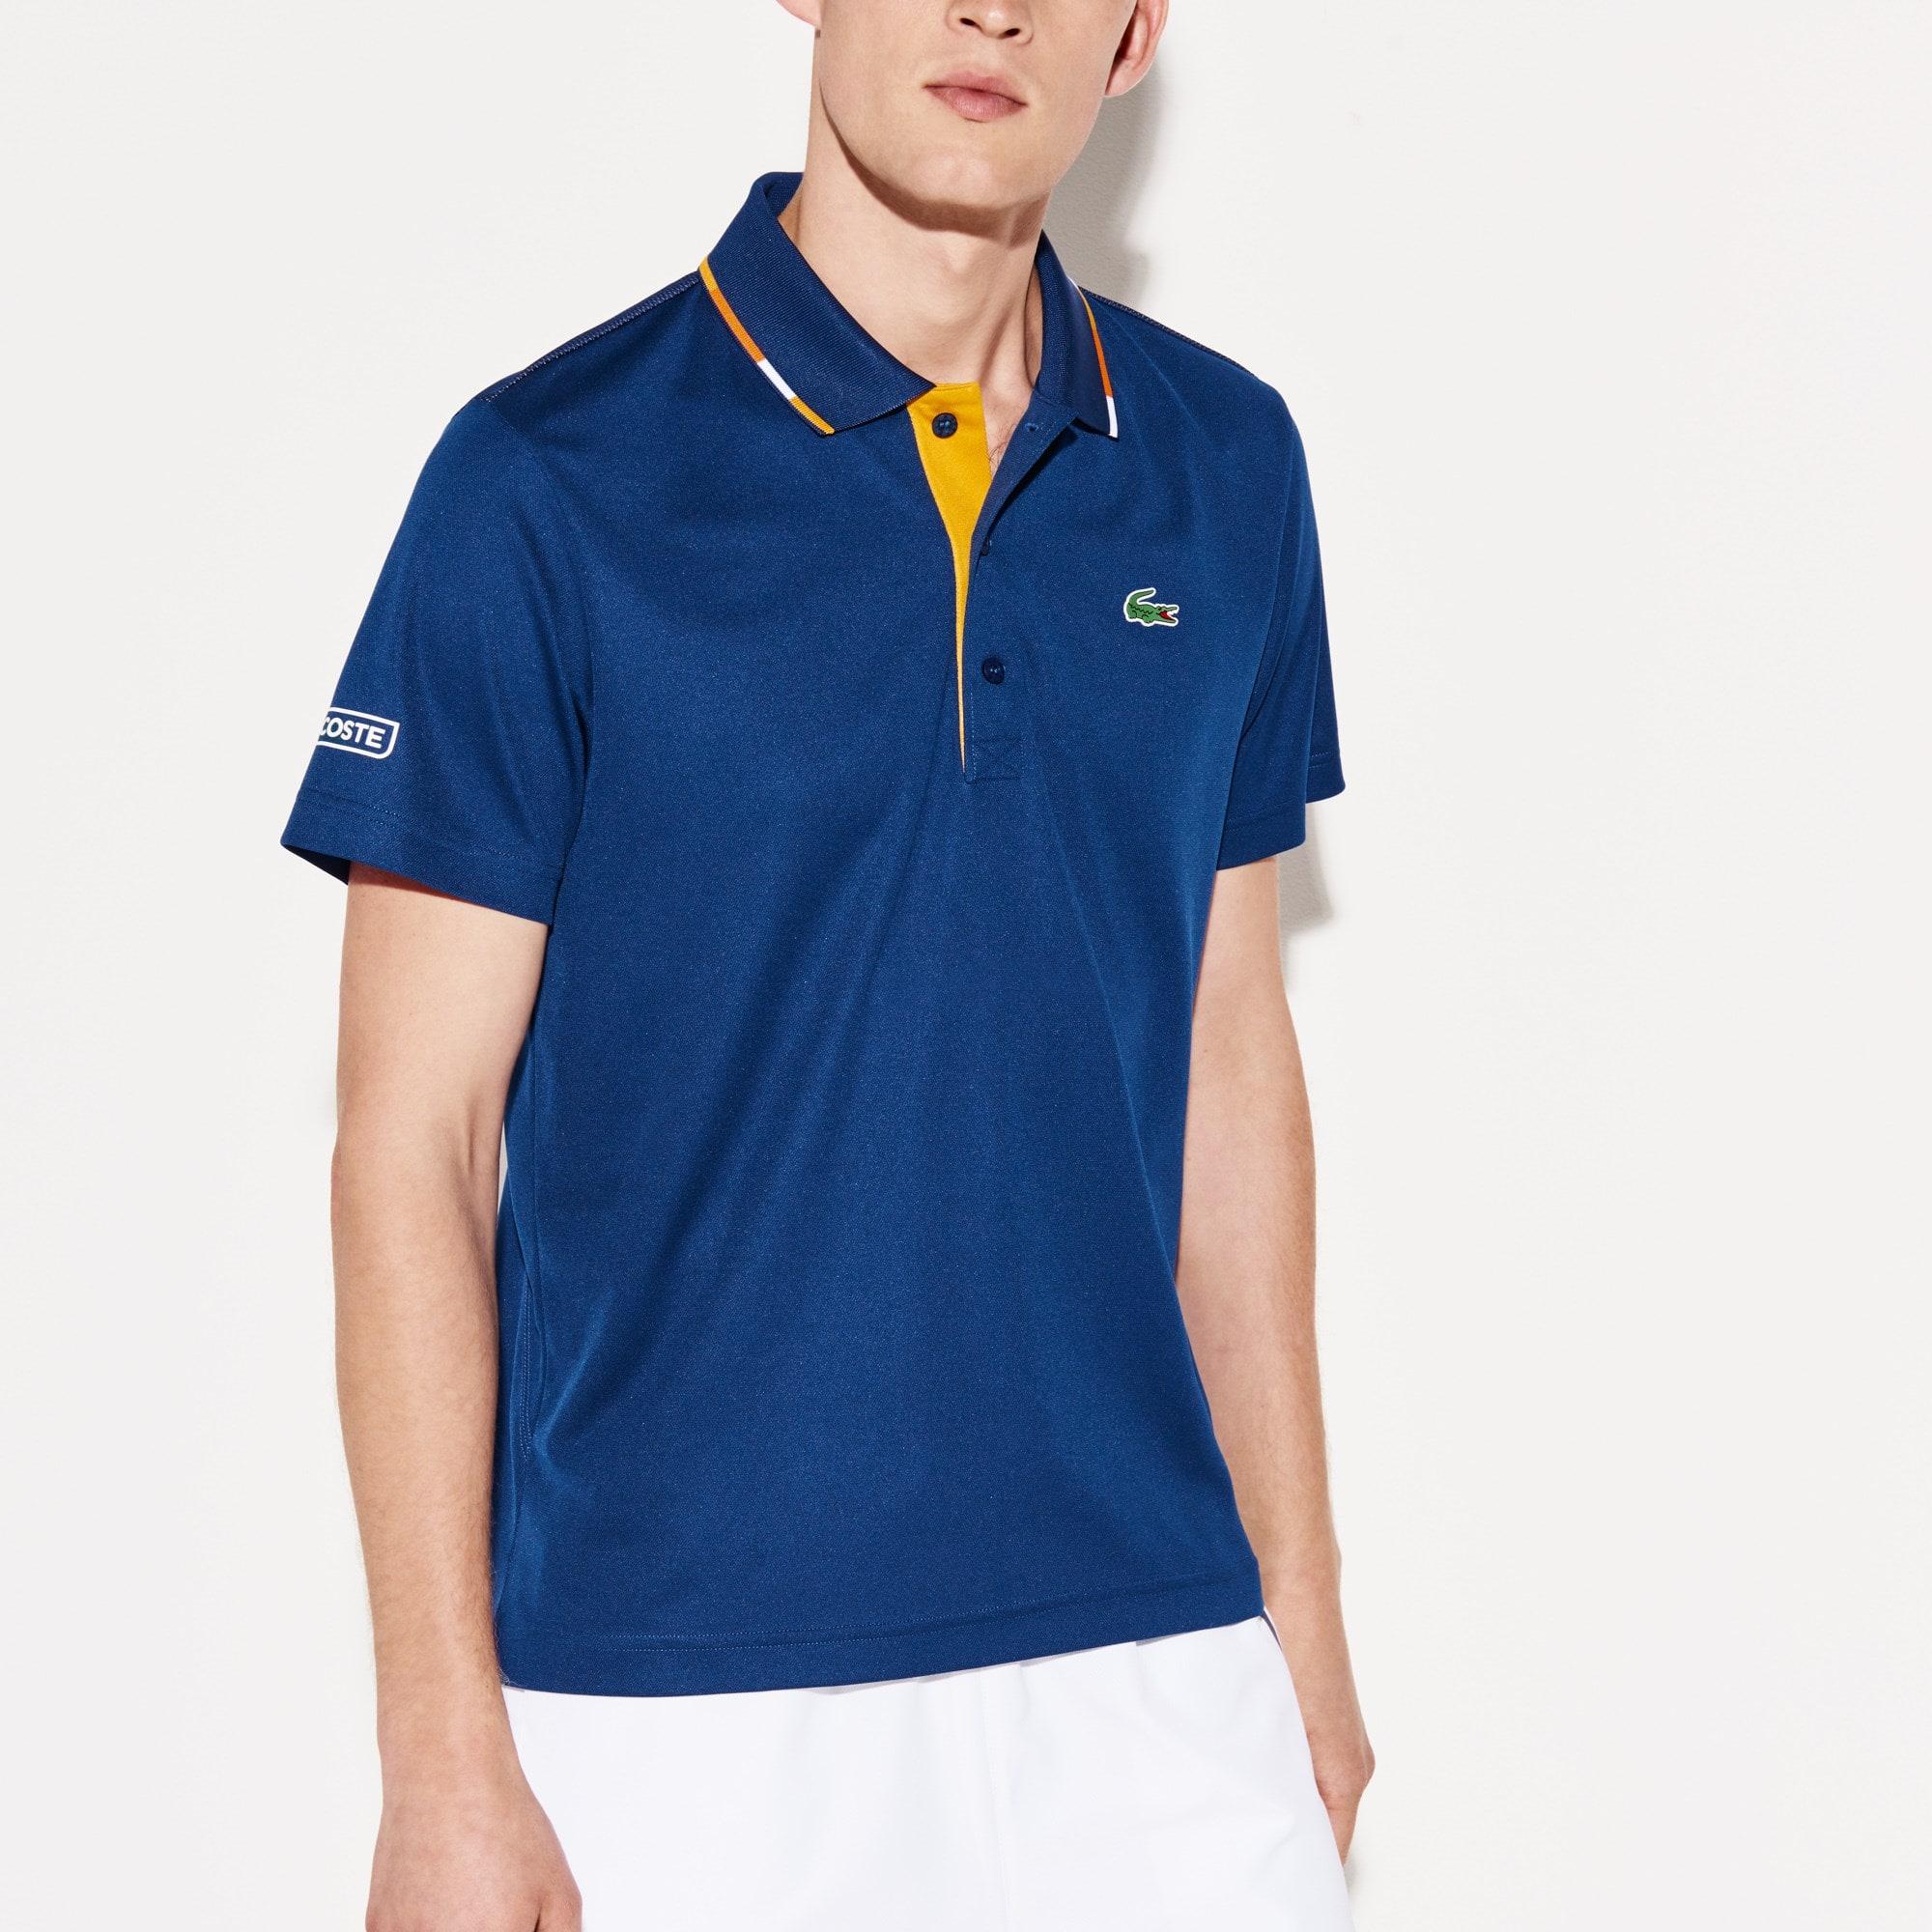 Polo Tenis Hombre En Piqué Técnico Tenis Lacoste Sport